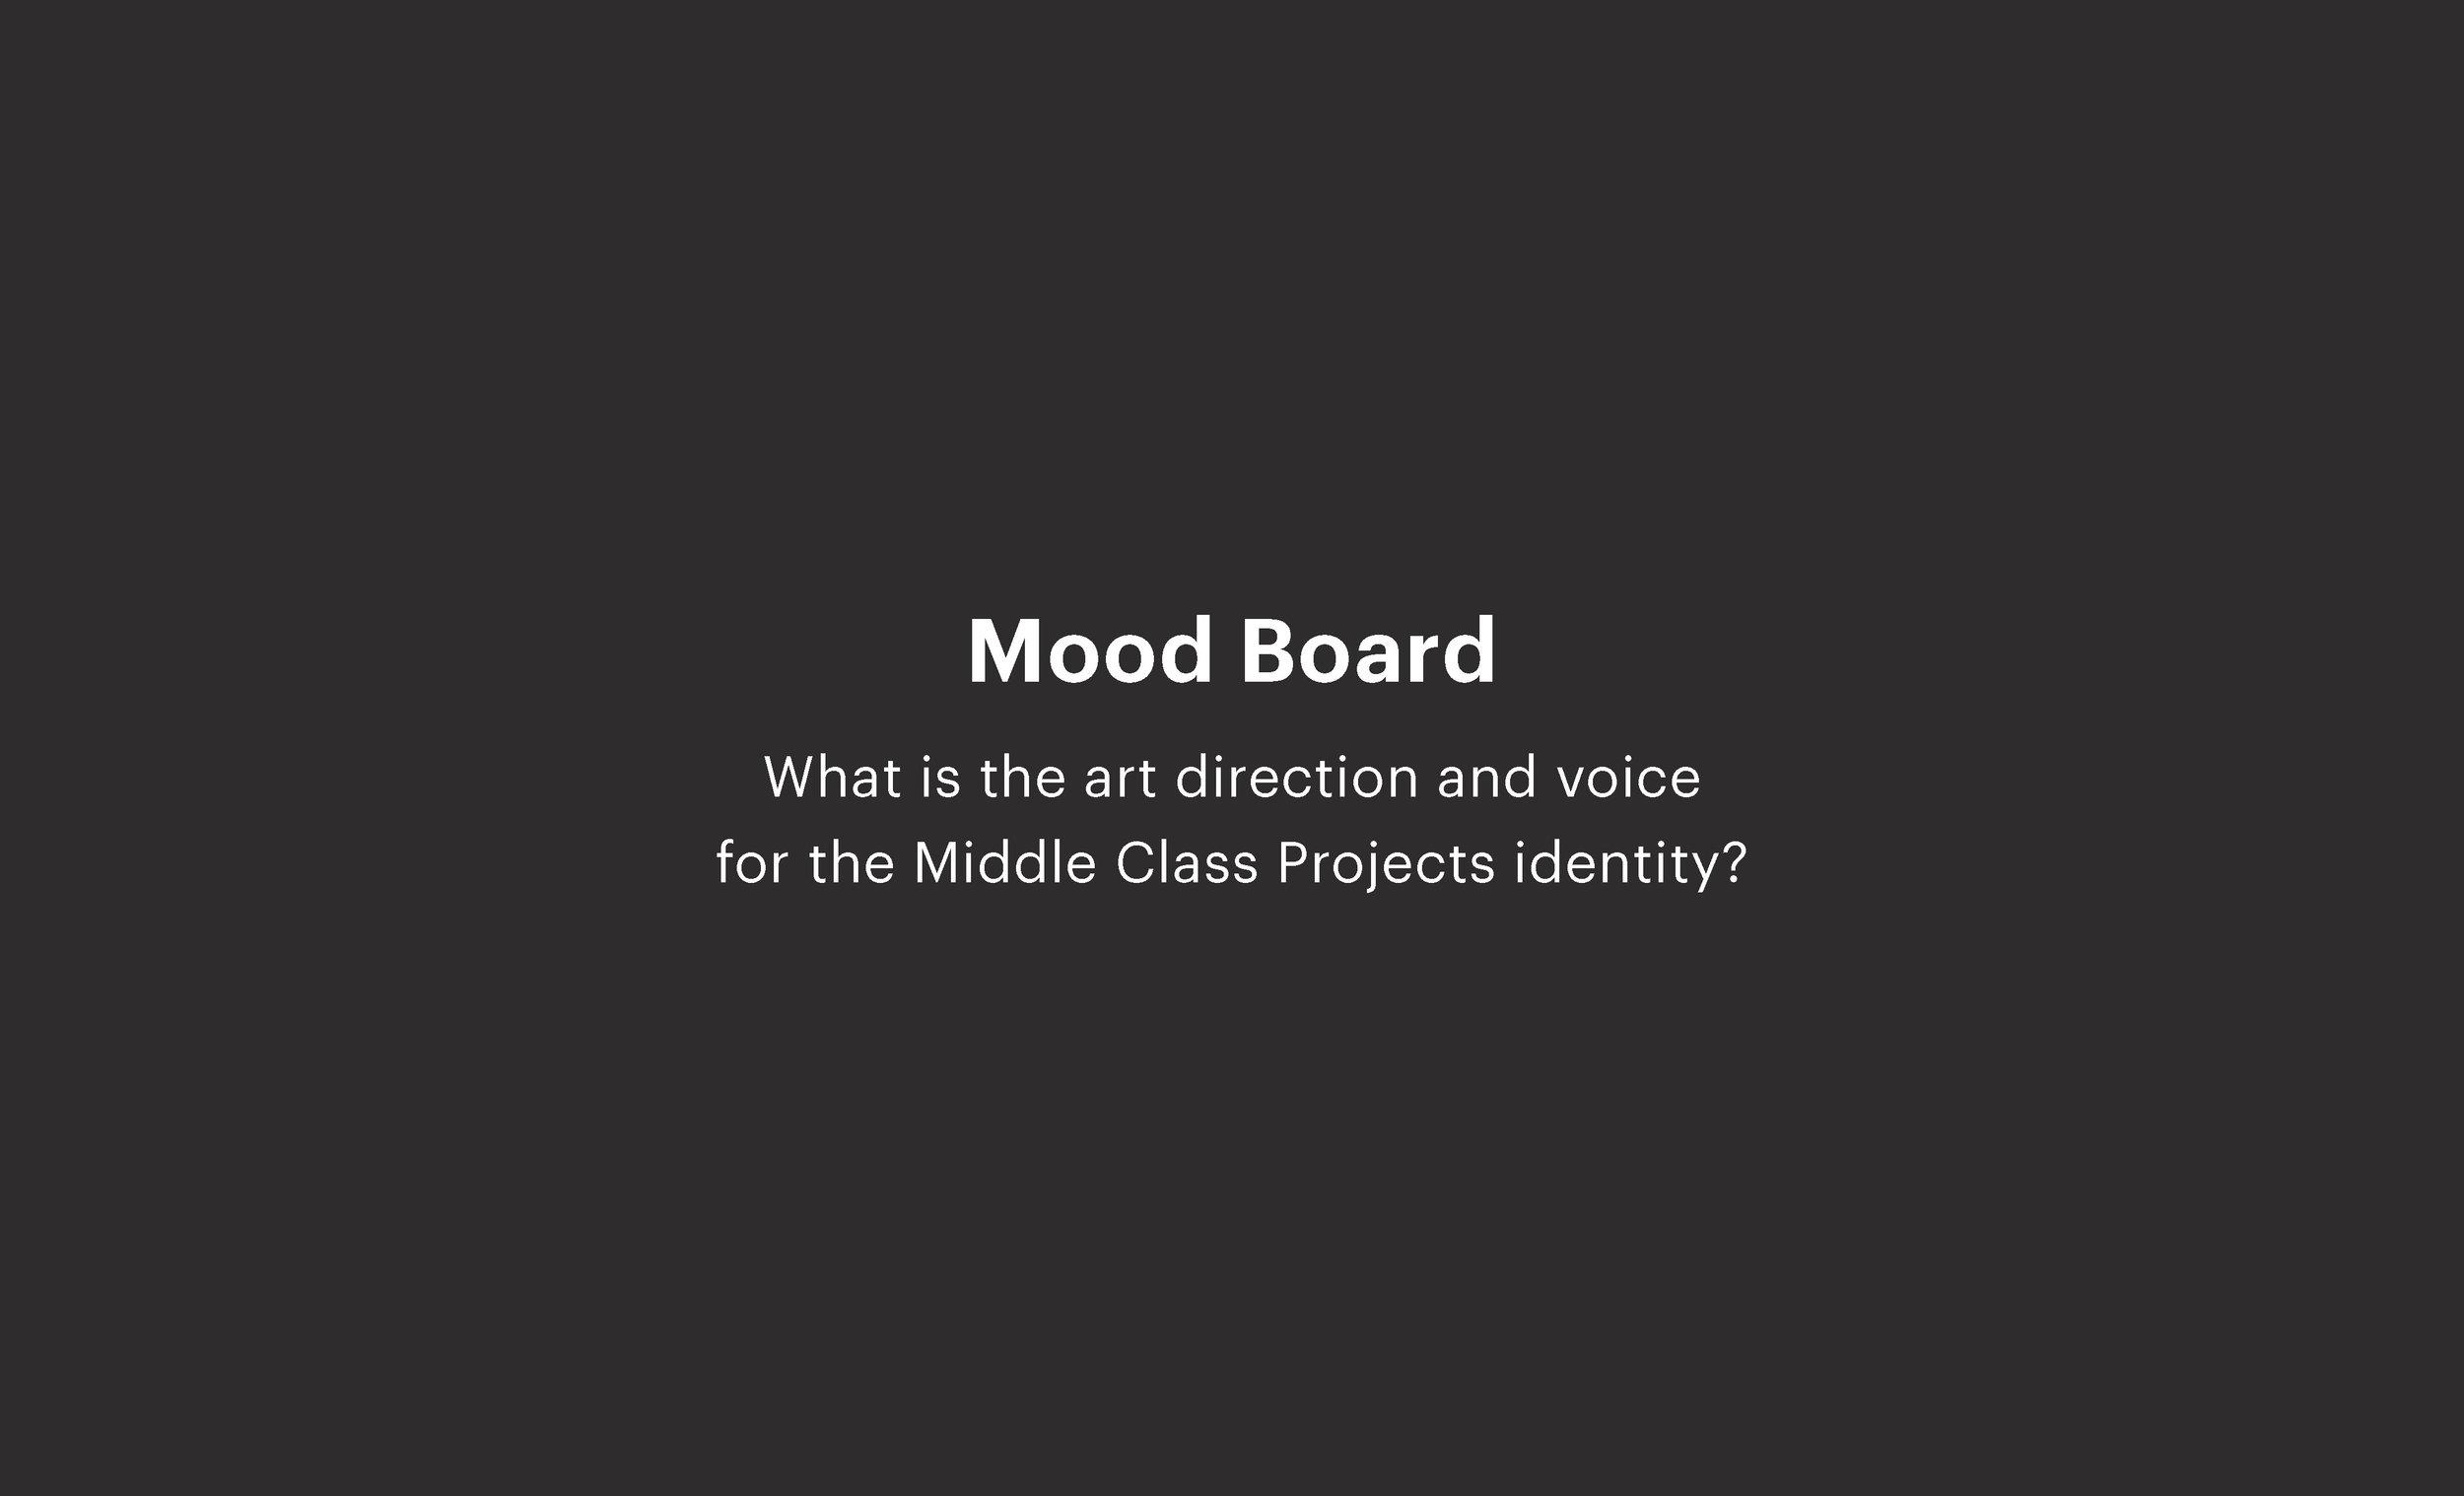 MiddleClassProjects_BrandGuideline_F2.jpg